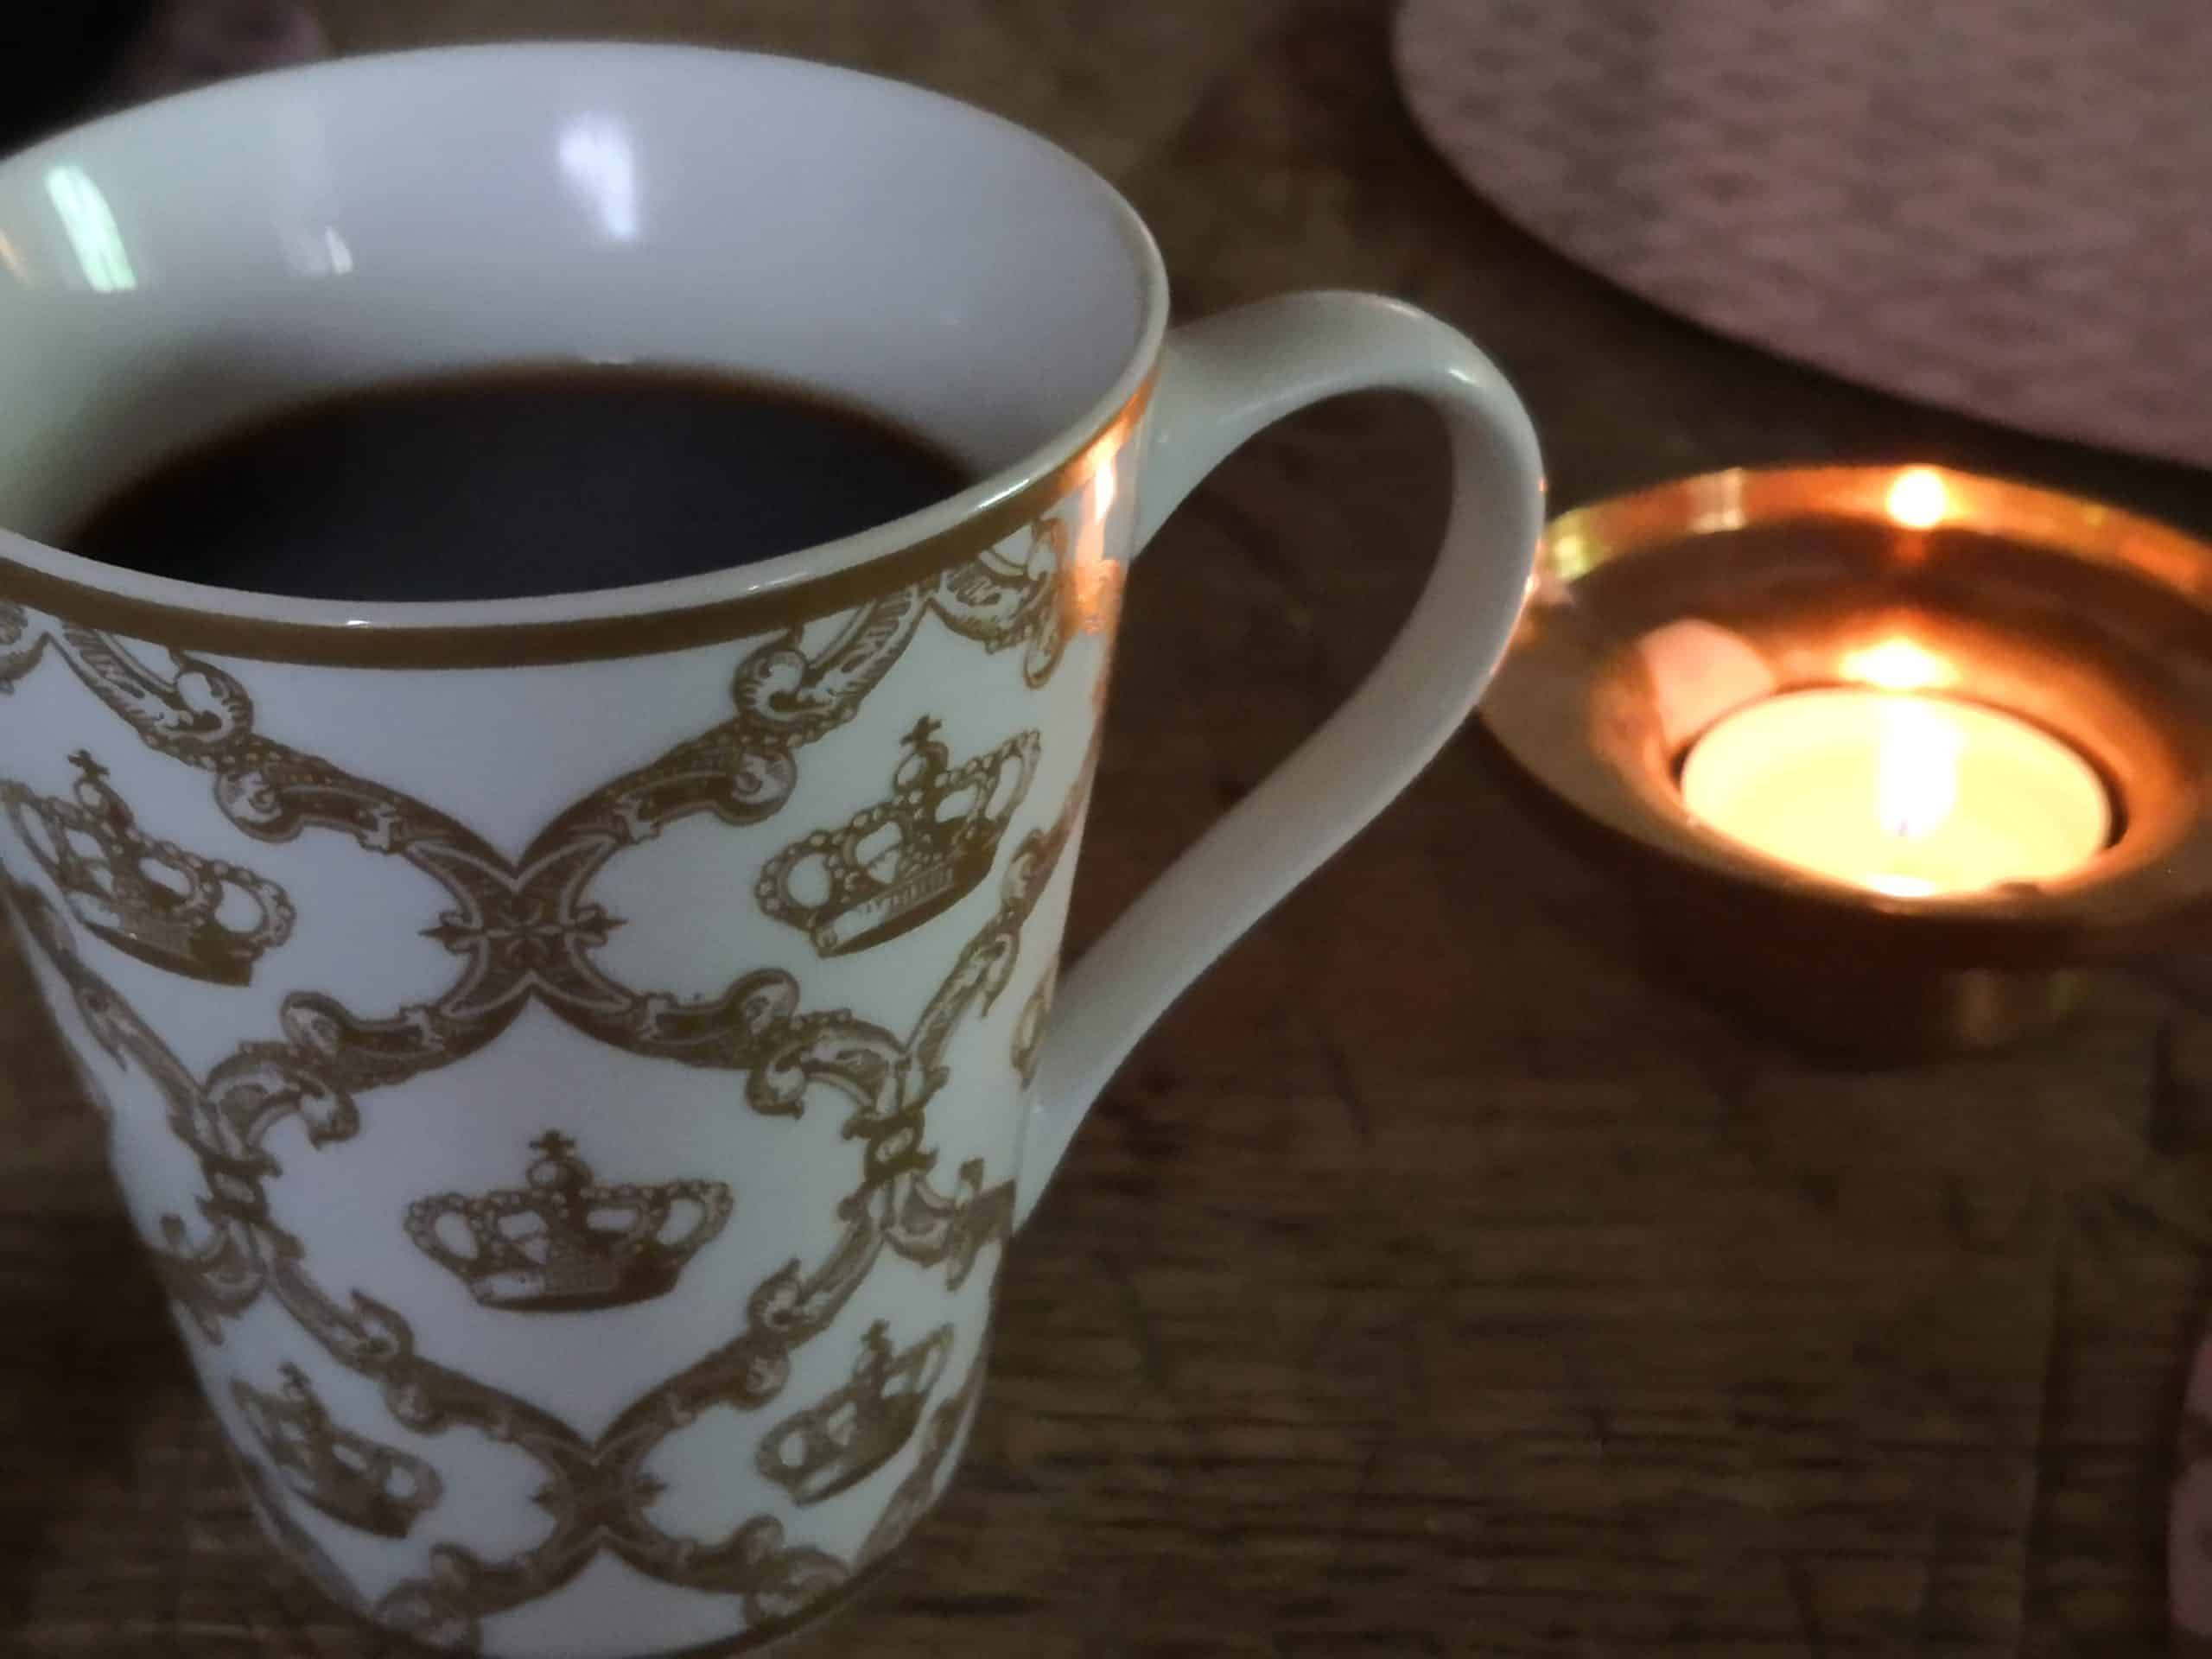 Όποιο είδος καφέ και αν επιλέξετε, το σίγουρο είναι πως θα το απολαύσετε